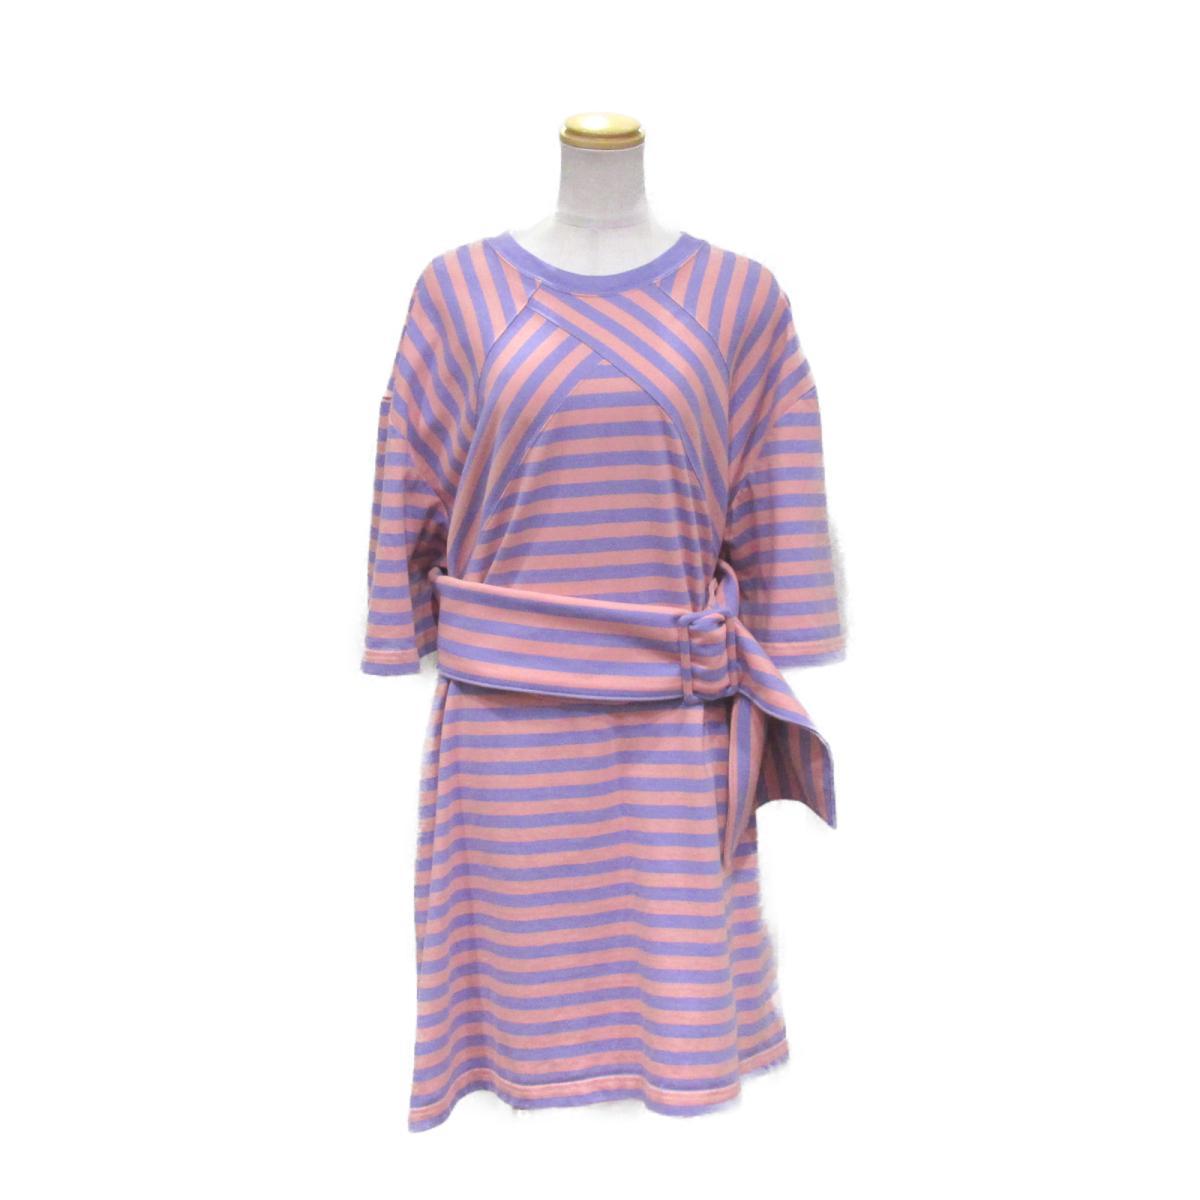 【中古】マーク・ジェイコブス ワンピース ベルト付き レディース コットン100% ピンク x パープル   MARC JACOBS BRANDOFF ブランドオフ 衣料品 衣類 ブランド